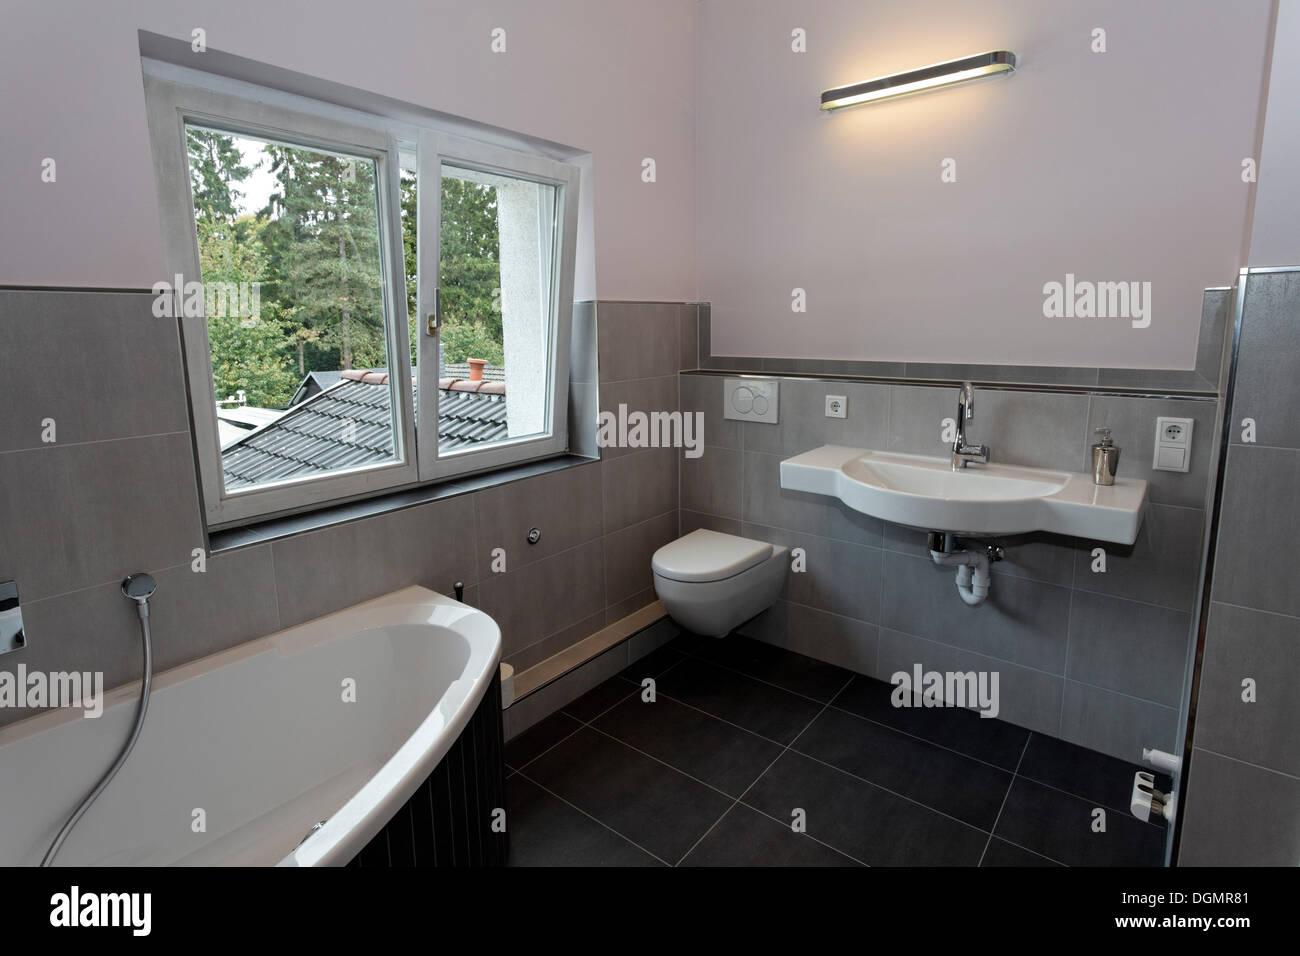 badezimmer altbau, moderne badezimmer nach bad renovierung im altbau stockfoto, bild, Badezimmer